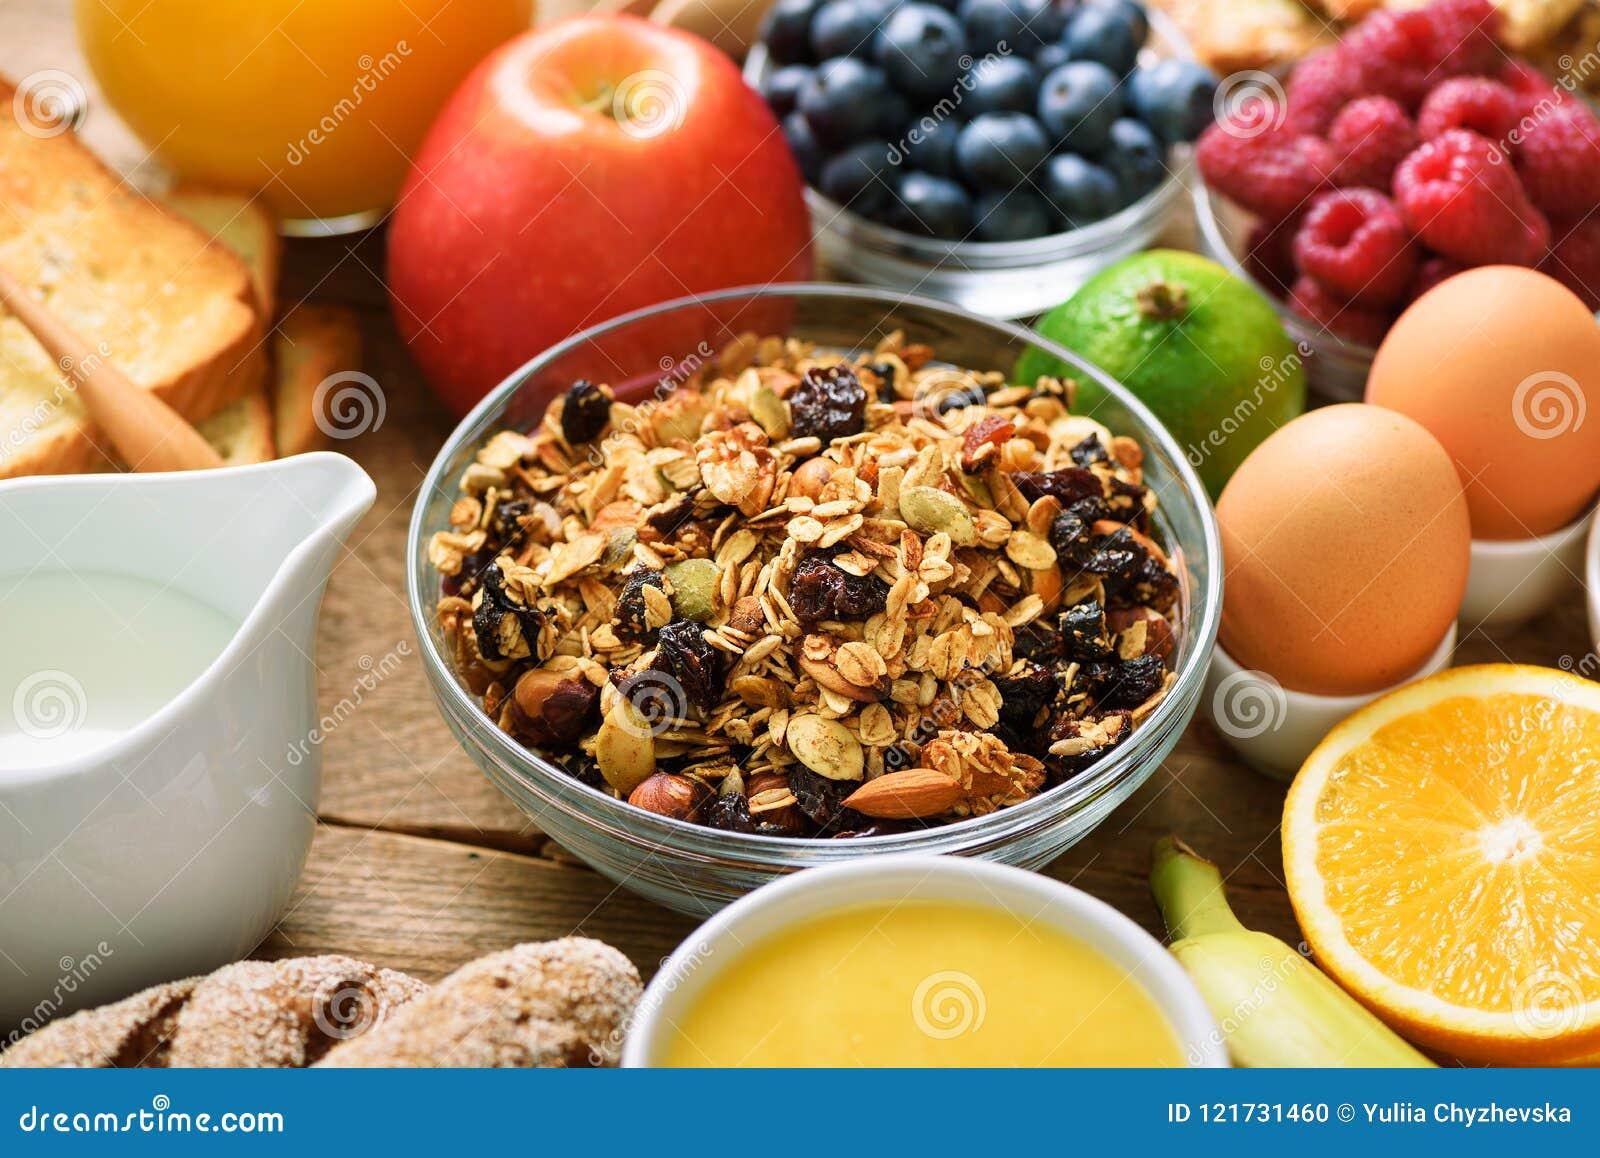 Zdrowi śniadaniowi składniki, jedzenie rama Granola, jajko, dokrętki, owoc, jagody, grzanka, mleko, jogurt, sok pomarańczowy